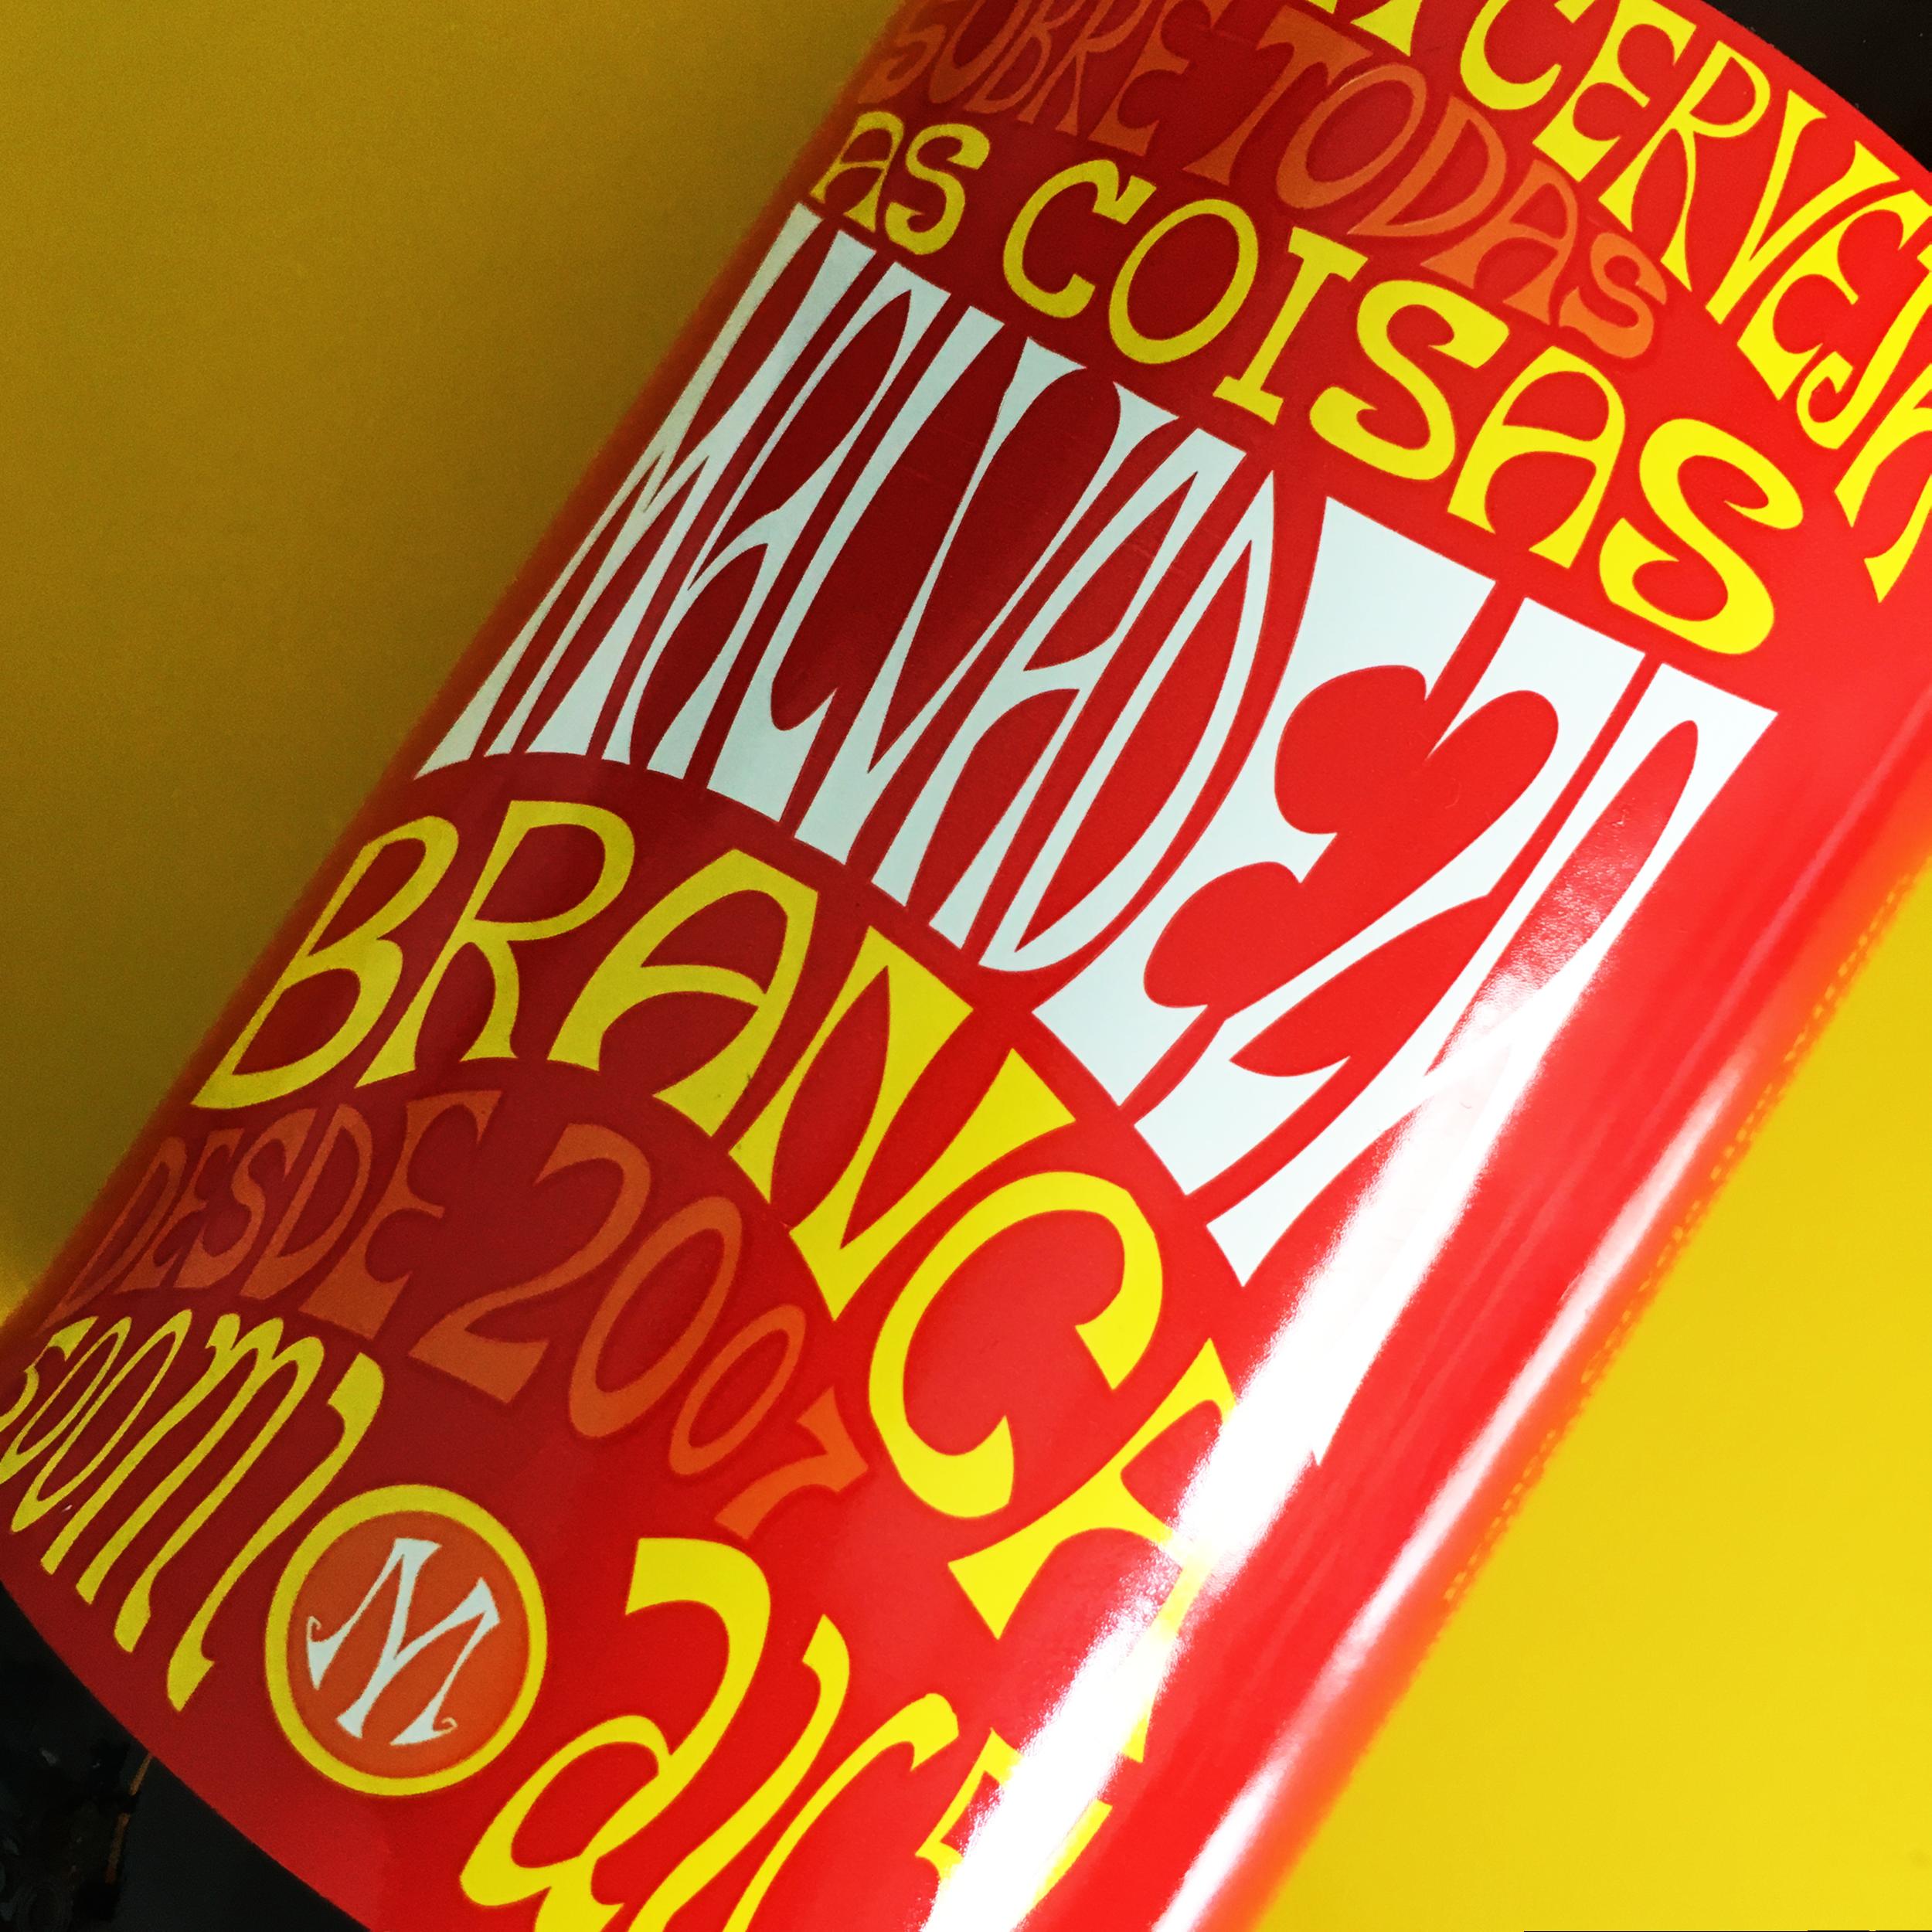 Malvadeza Branca - Cerveja de alta fermentação Tipo witbier, com cor amarela pálida. Sabor leve e bem refrescante, com notas de coentro e abacaxi no final. além de Notas de cravo devido ao tipo de fermento. Teor Alcoólico 5%